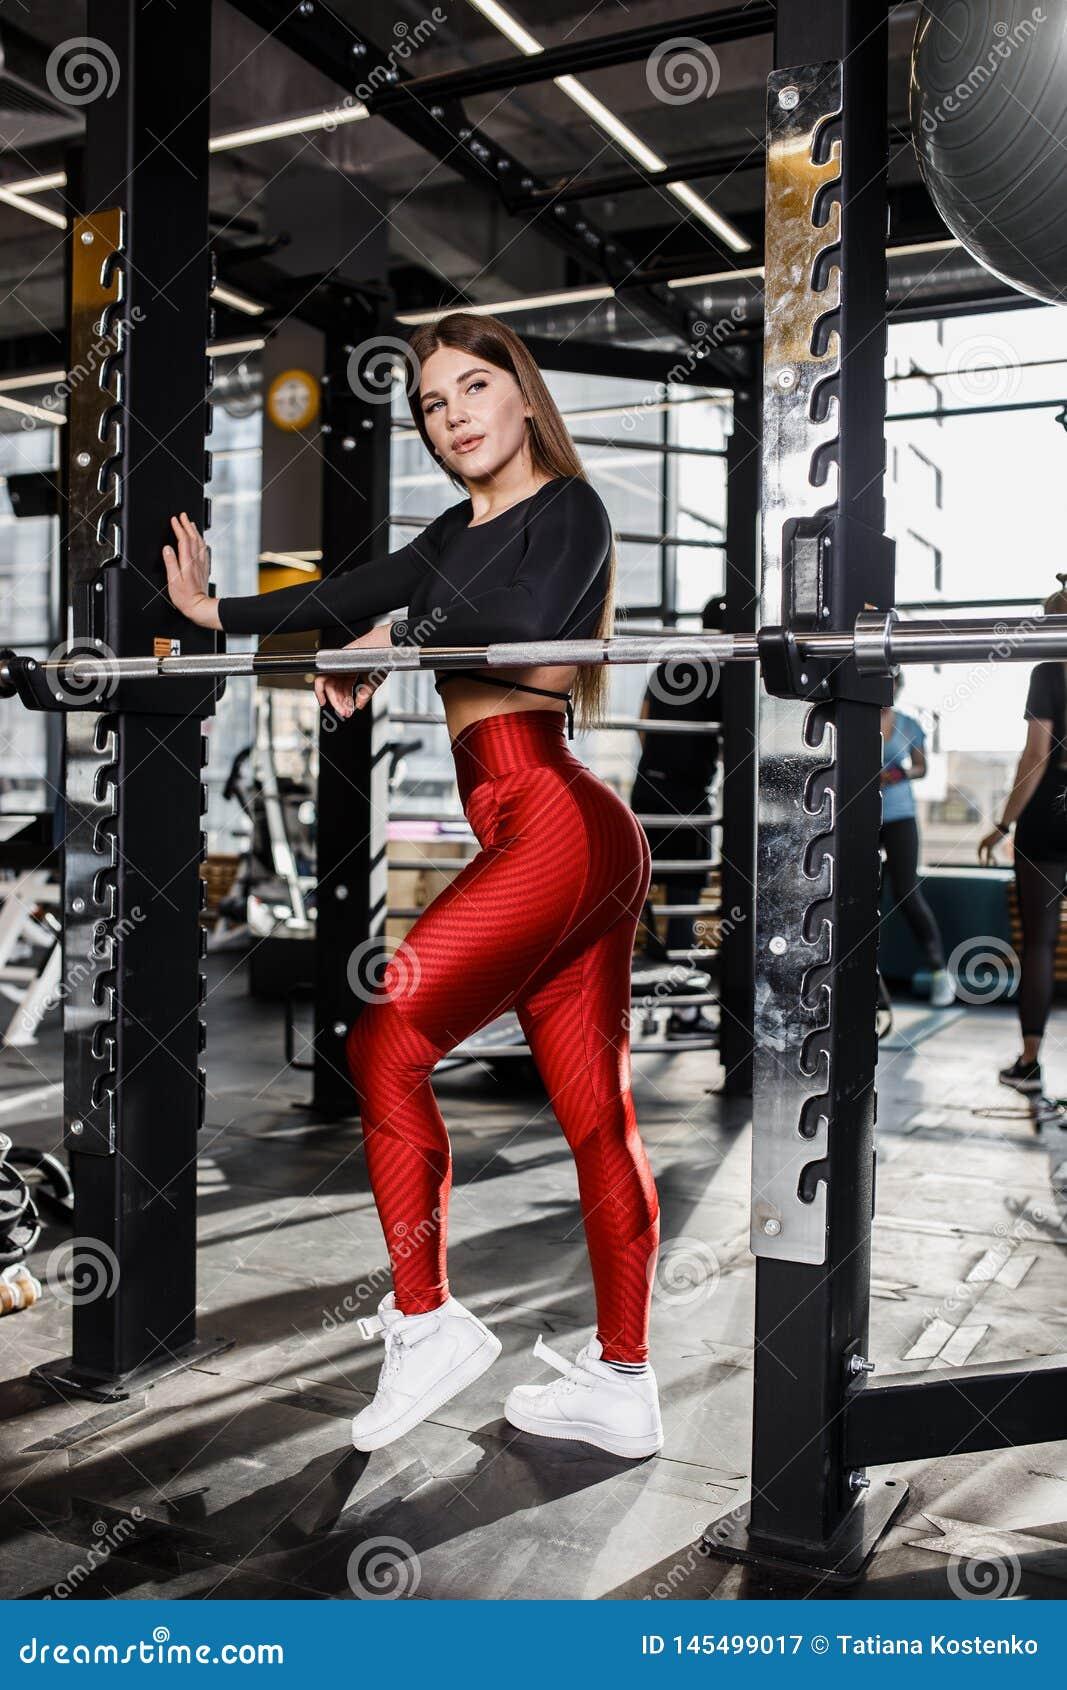 Красивая худенькая девушка в стильных ярких одеждах спорт делает представления рядом с турником в современном спортзале